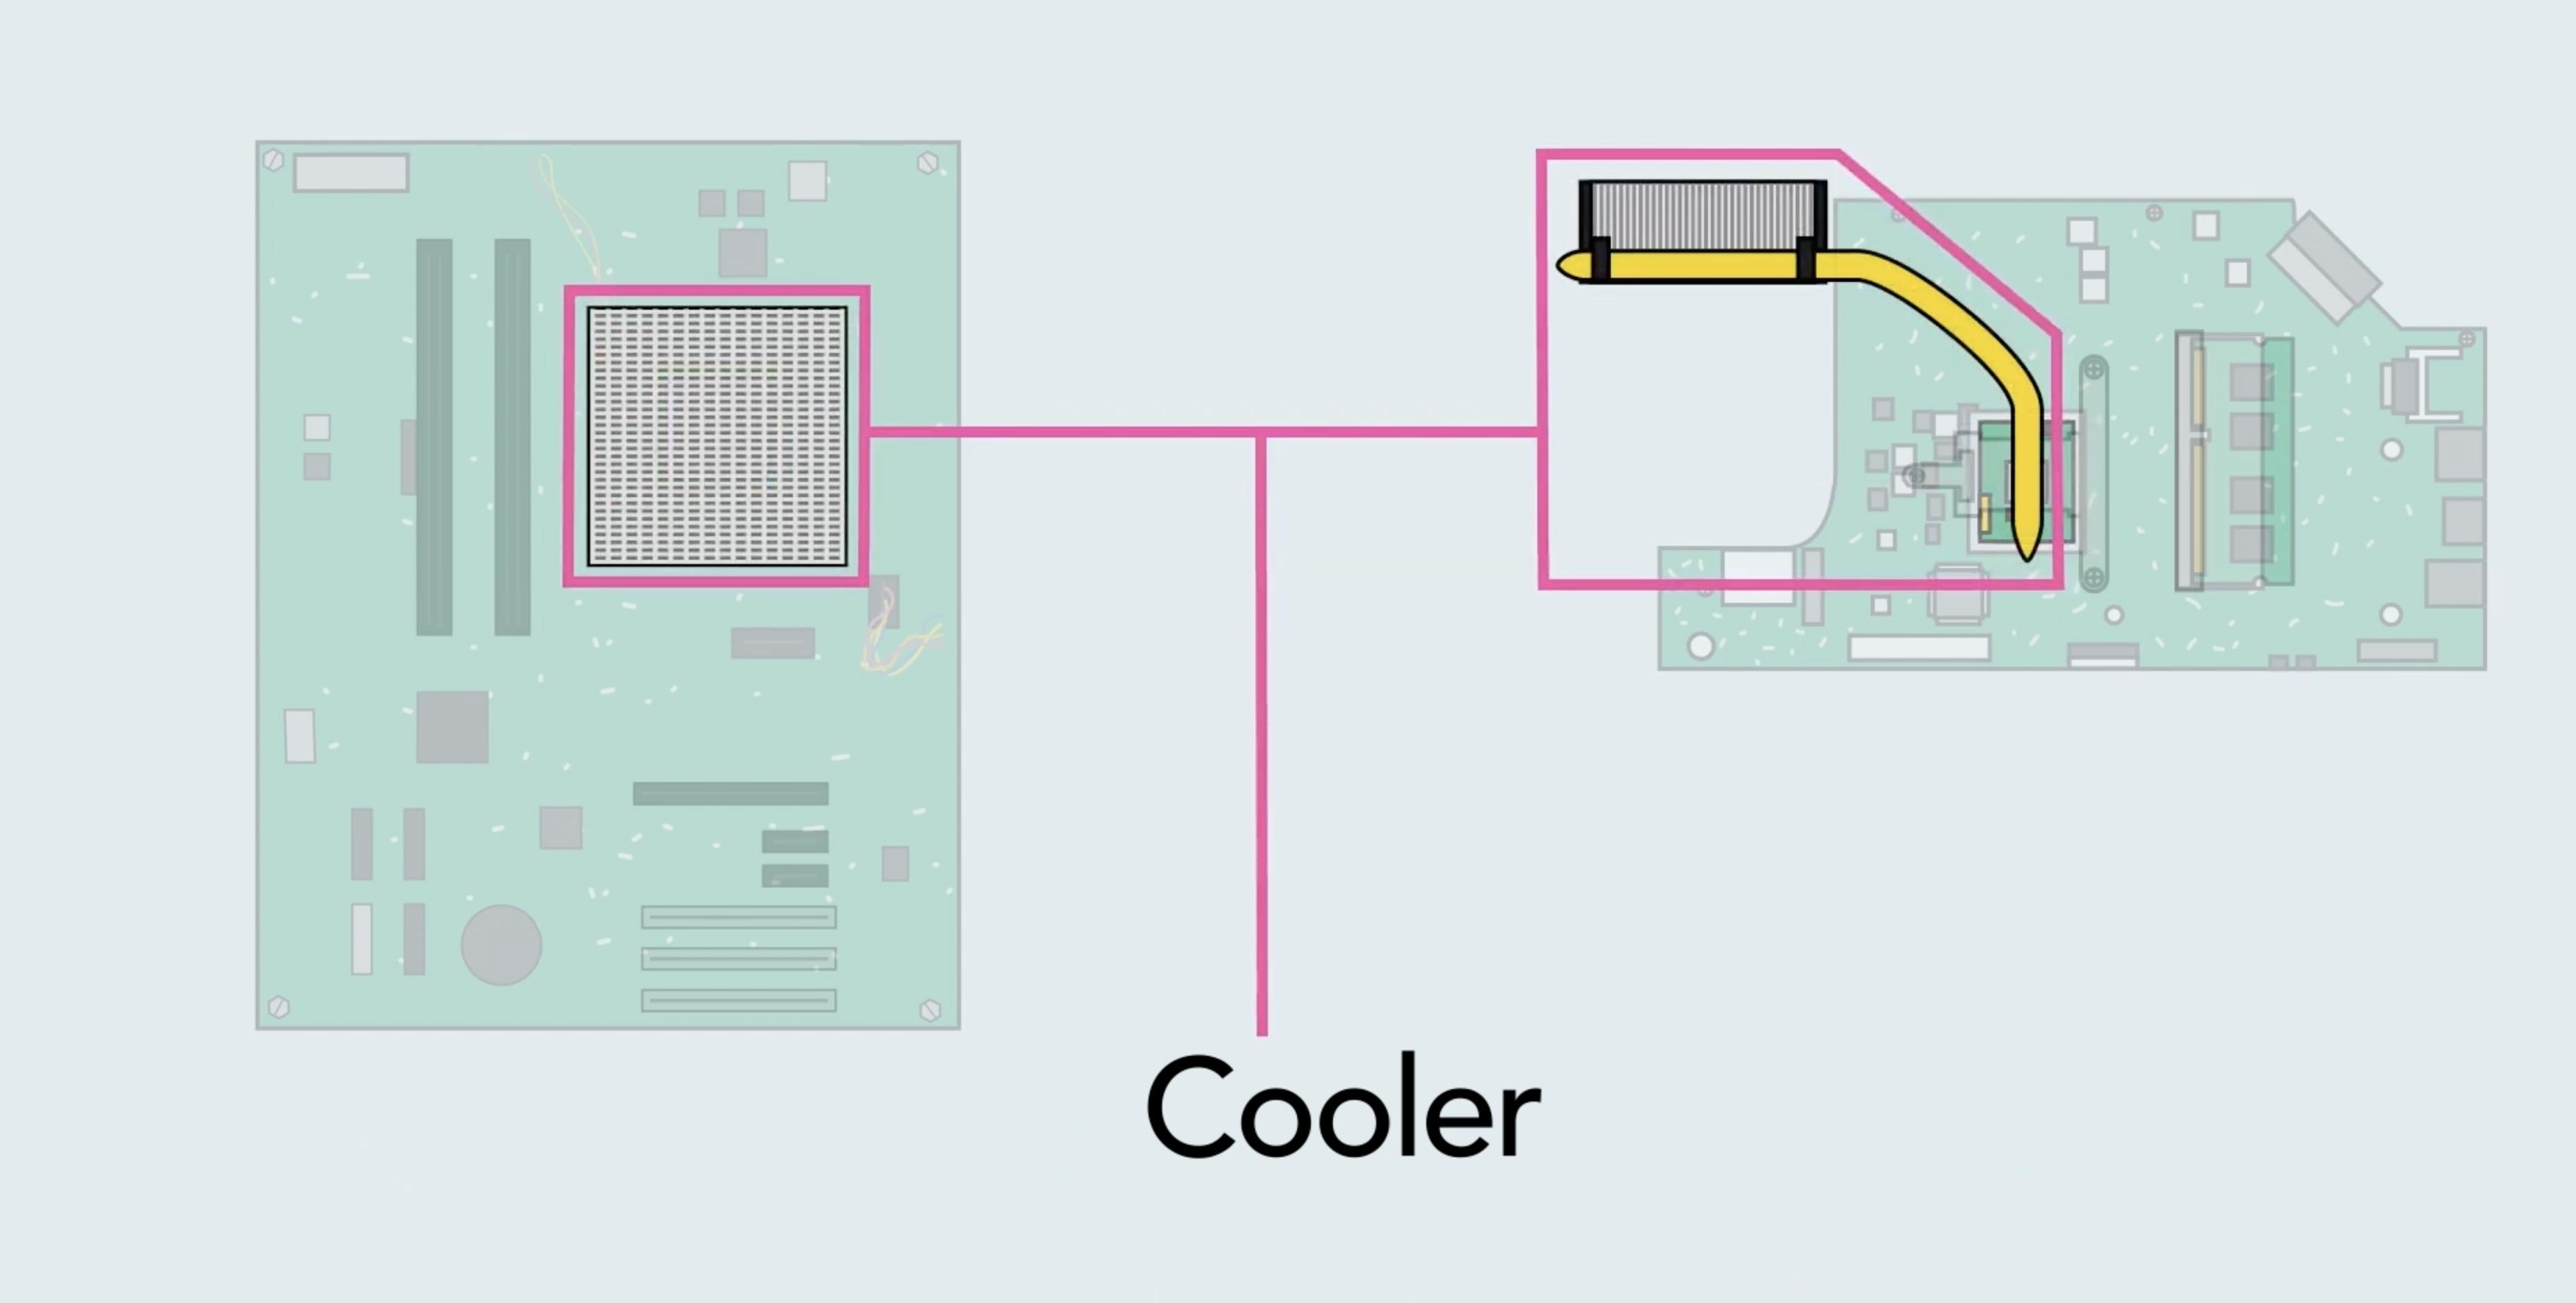 Para que serve o cooler de um computador